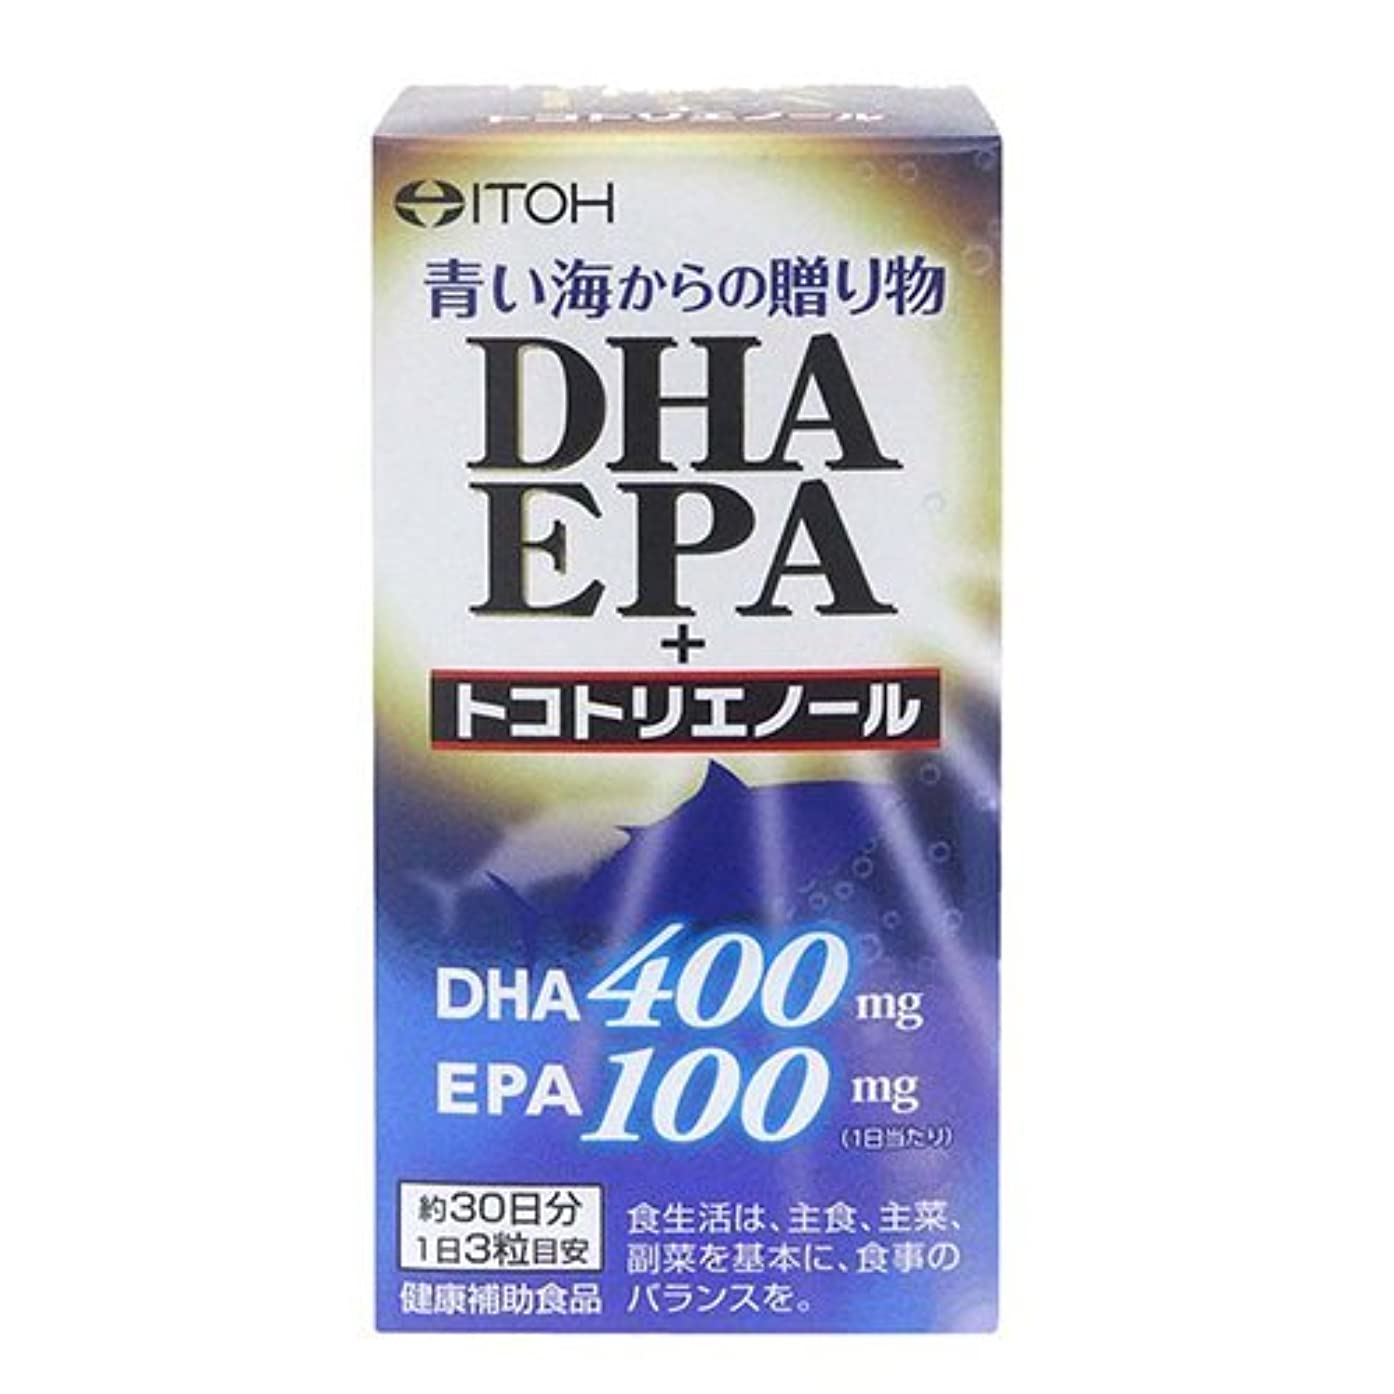 チャネルゆるくまさに井藤漢方製薬 DHA EPA+トコトリエノール 約30日分 90粒 Japan